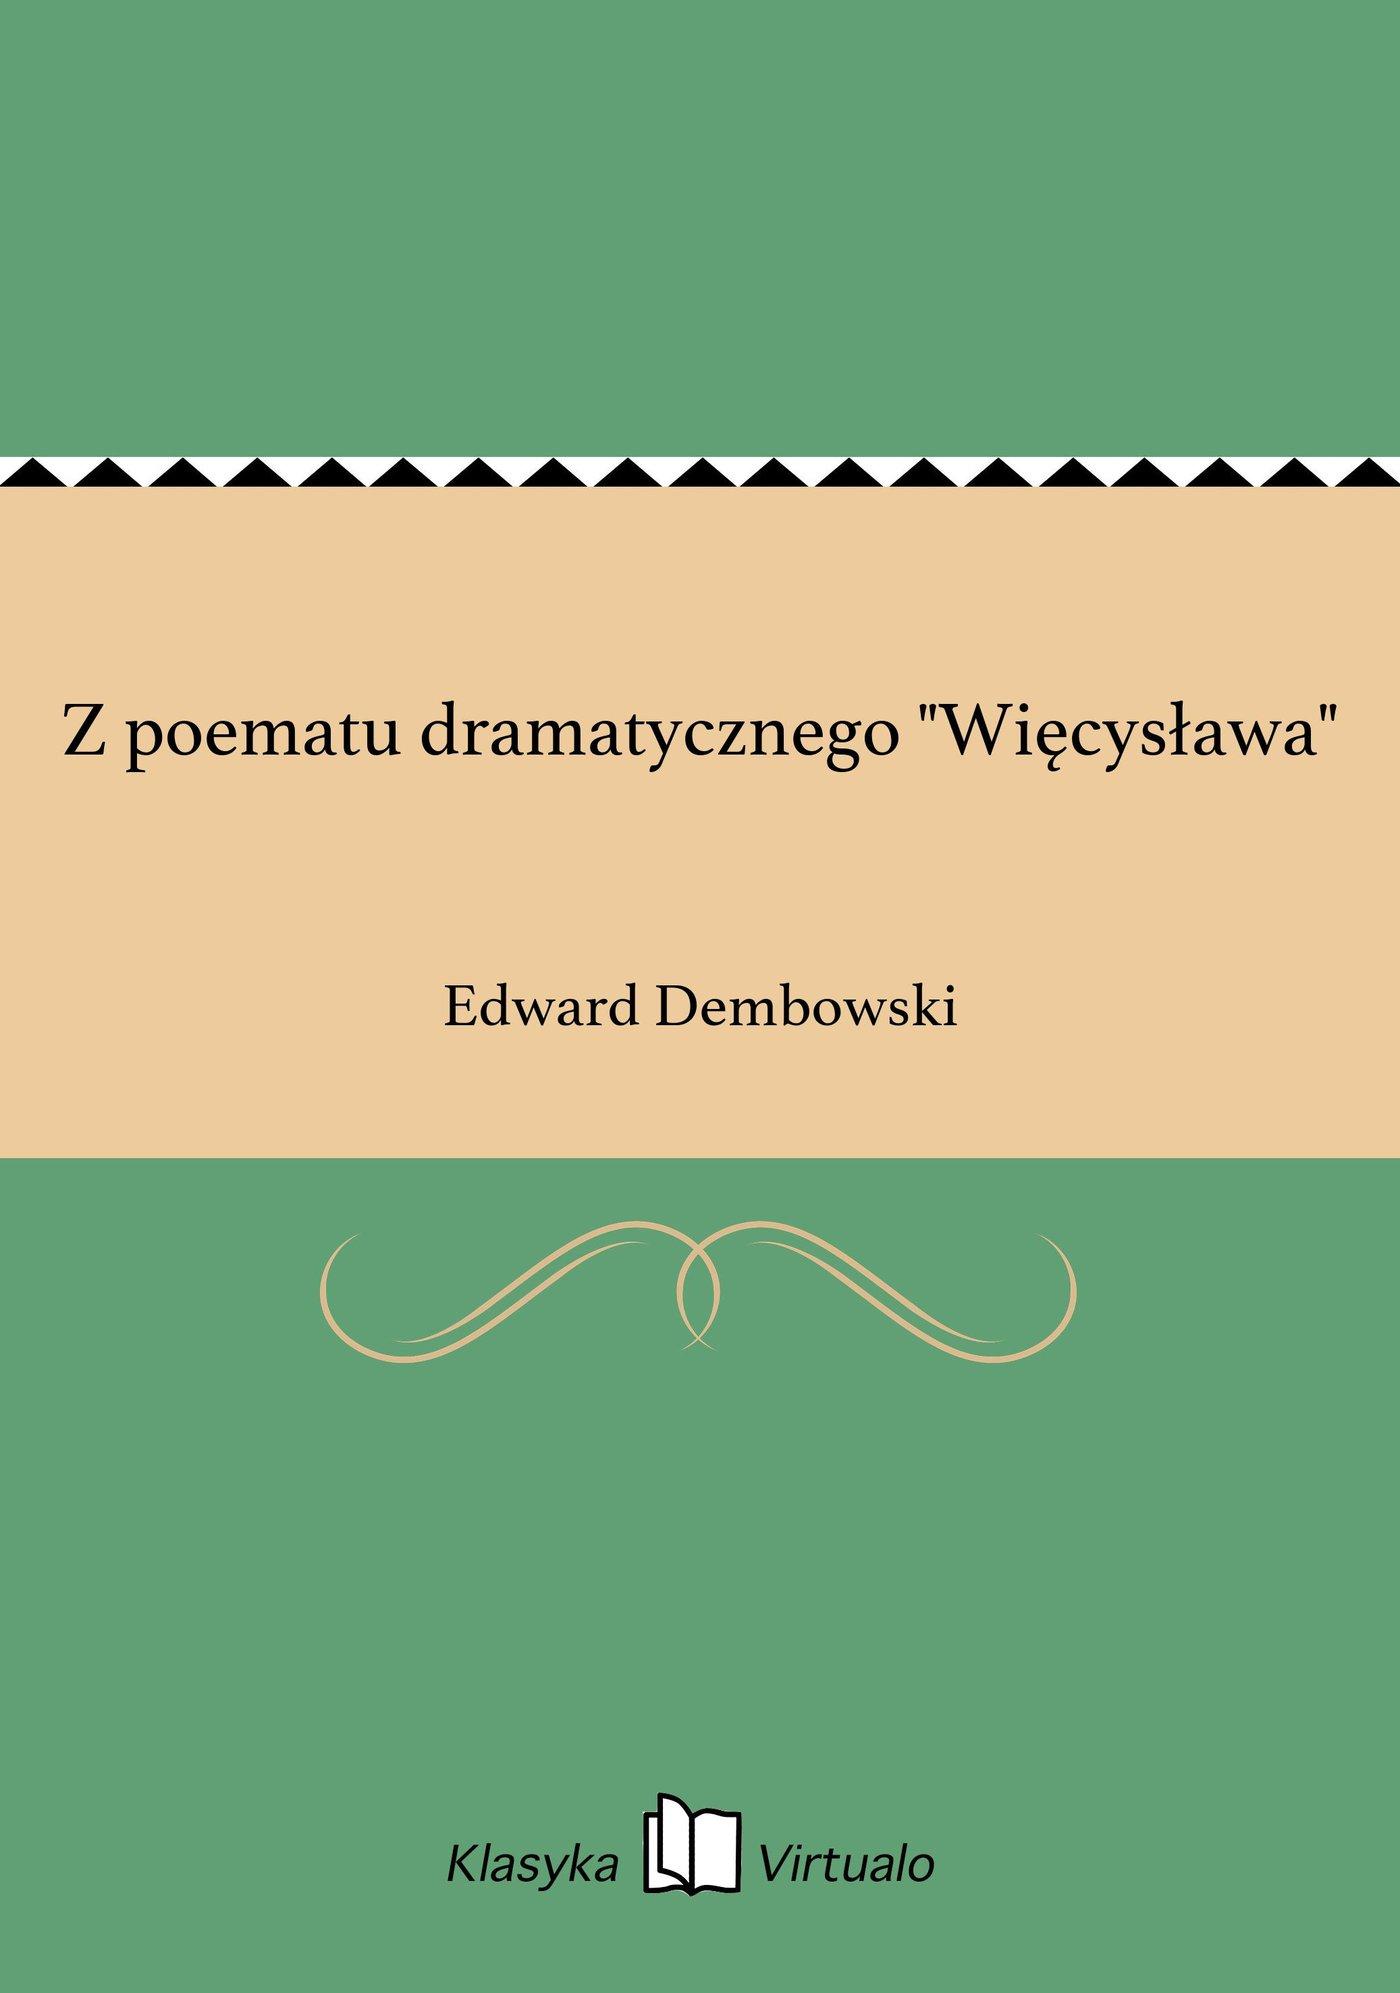 """Z poematu dramatycznego """"Więcysława"""" - Ebook (Książka EPUB) do pobrania w formacie EPUB"""